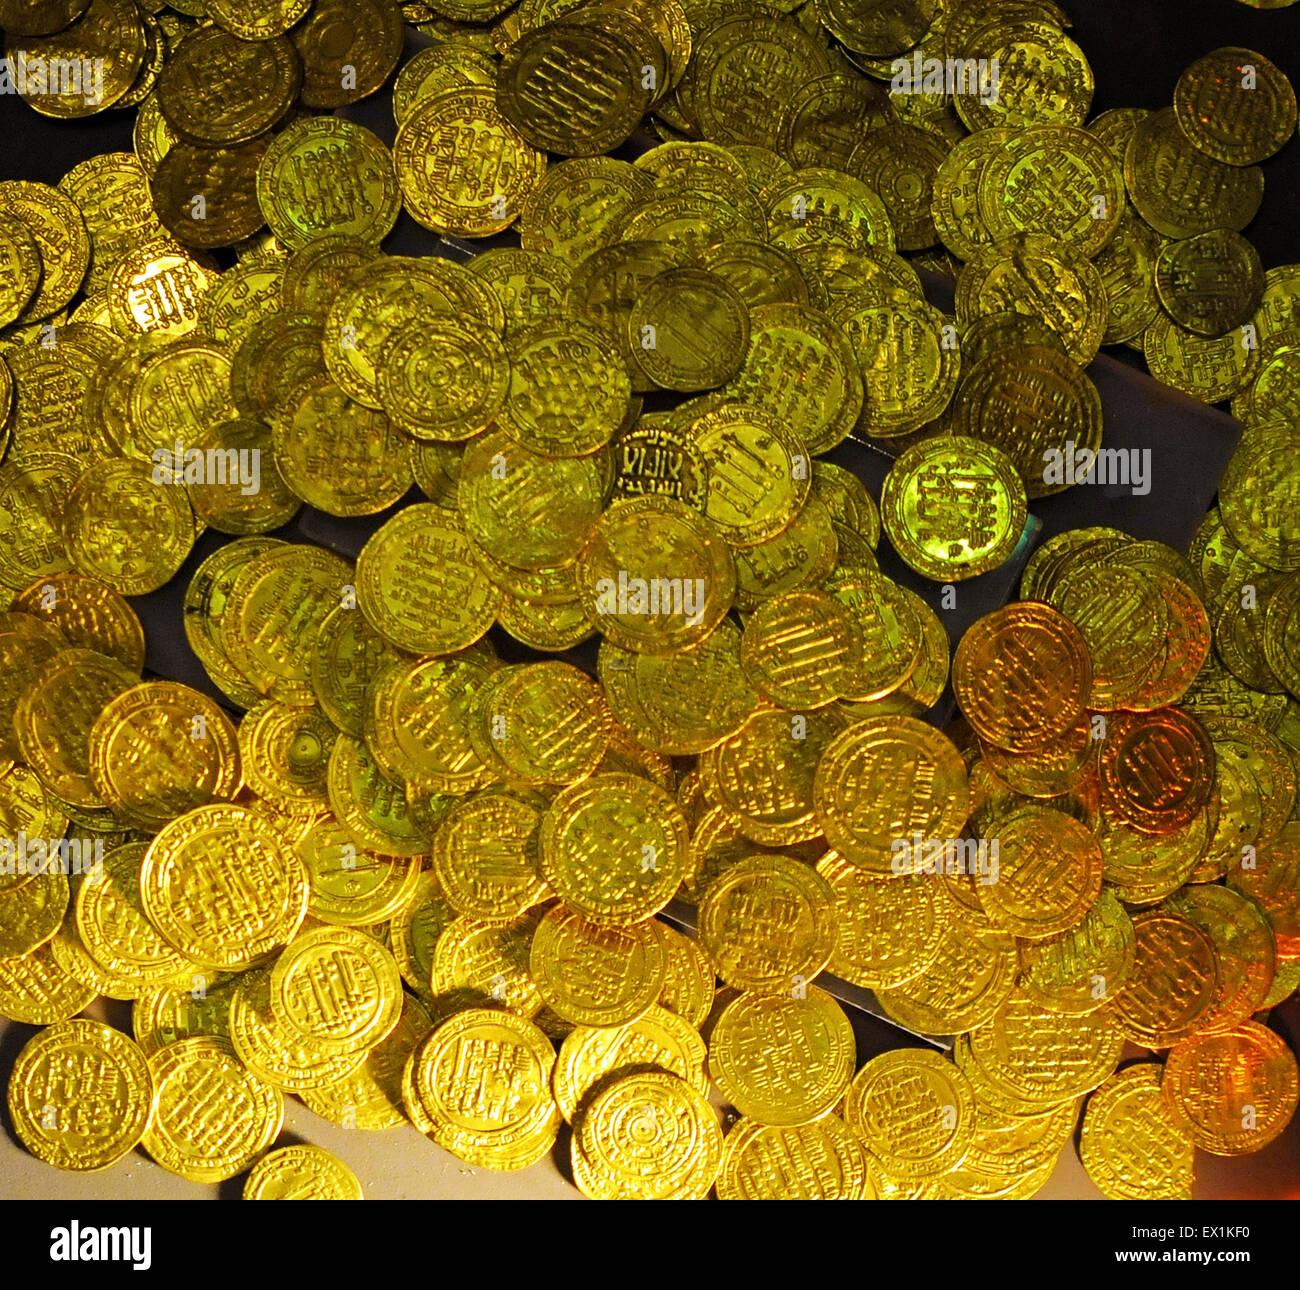 Schatz der alten Münzen Stockbild